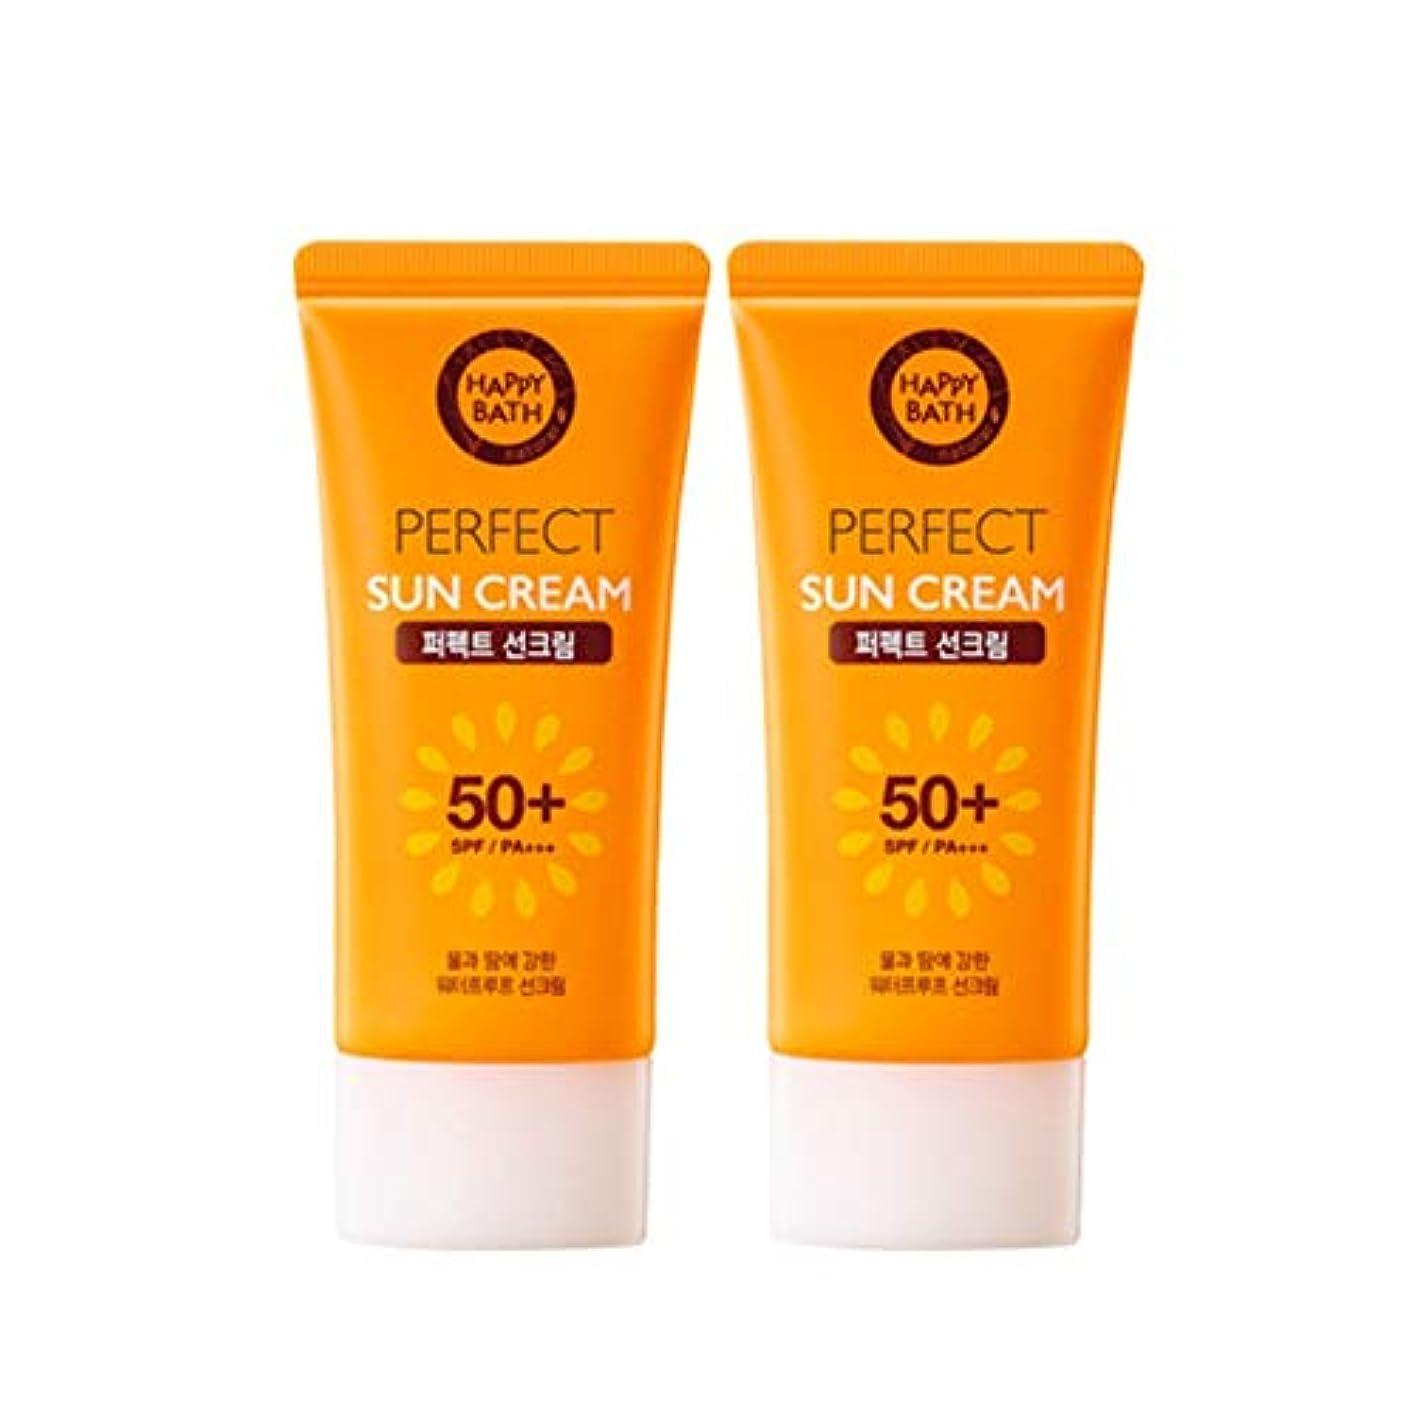 銛配送服を片付けるハッピーバスパーフェクトサンクリーム 80gx2本セット韓国コスメ、Happy Bath Perfect Sun Cream 80g x 2ea Set Korean Cosmetics [並行輸入品]